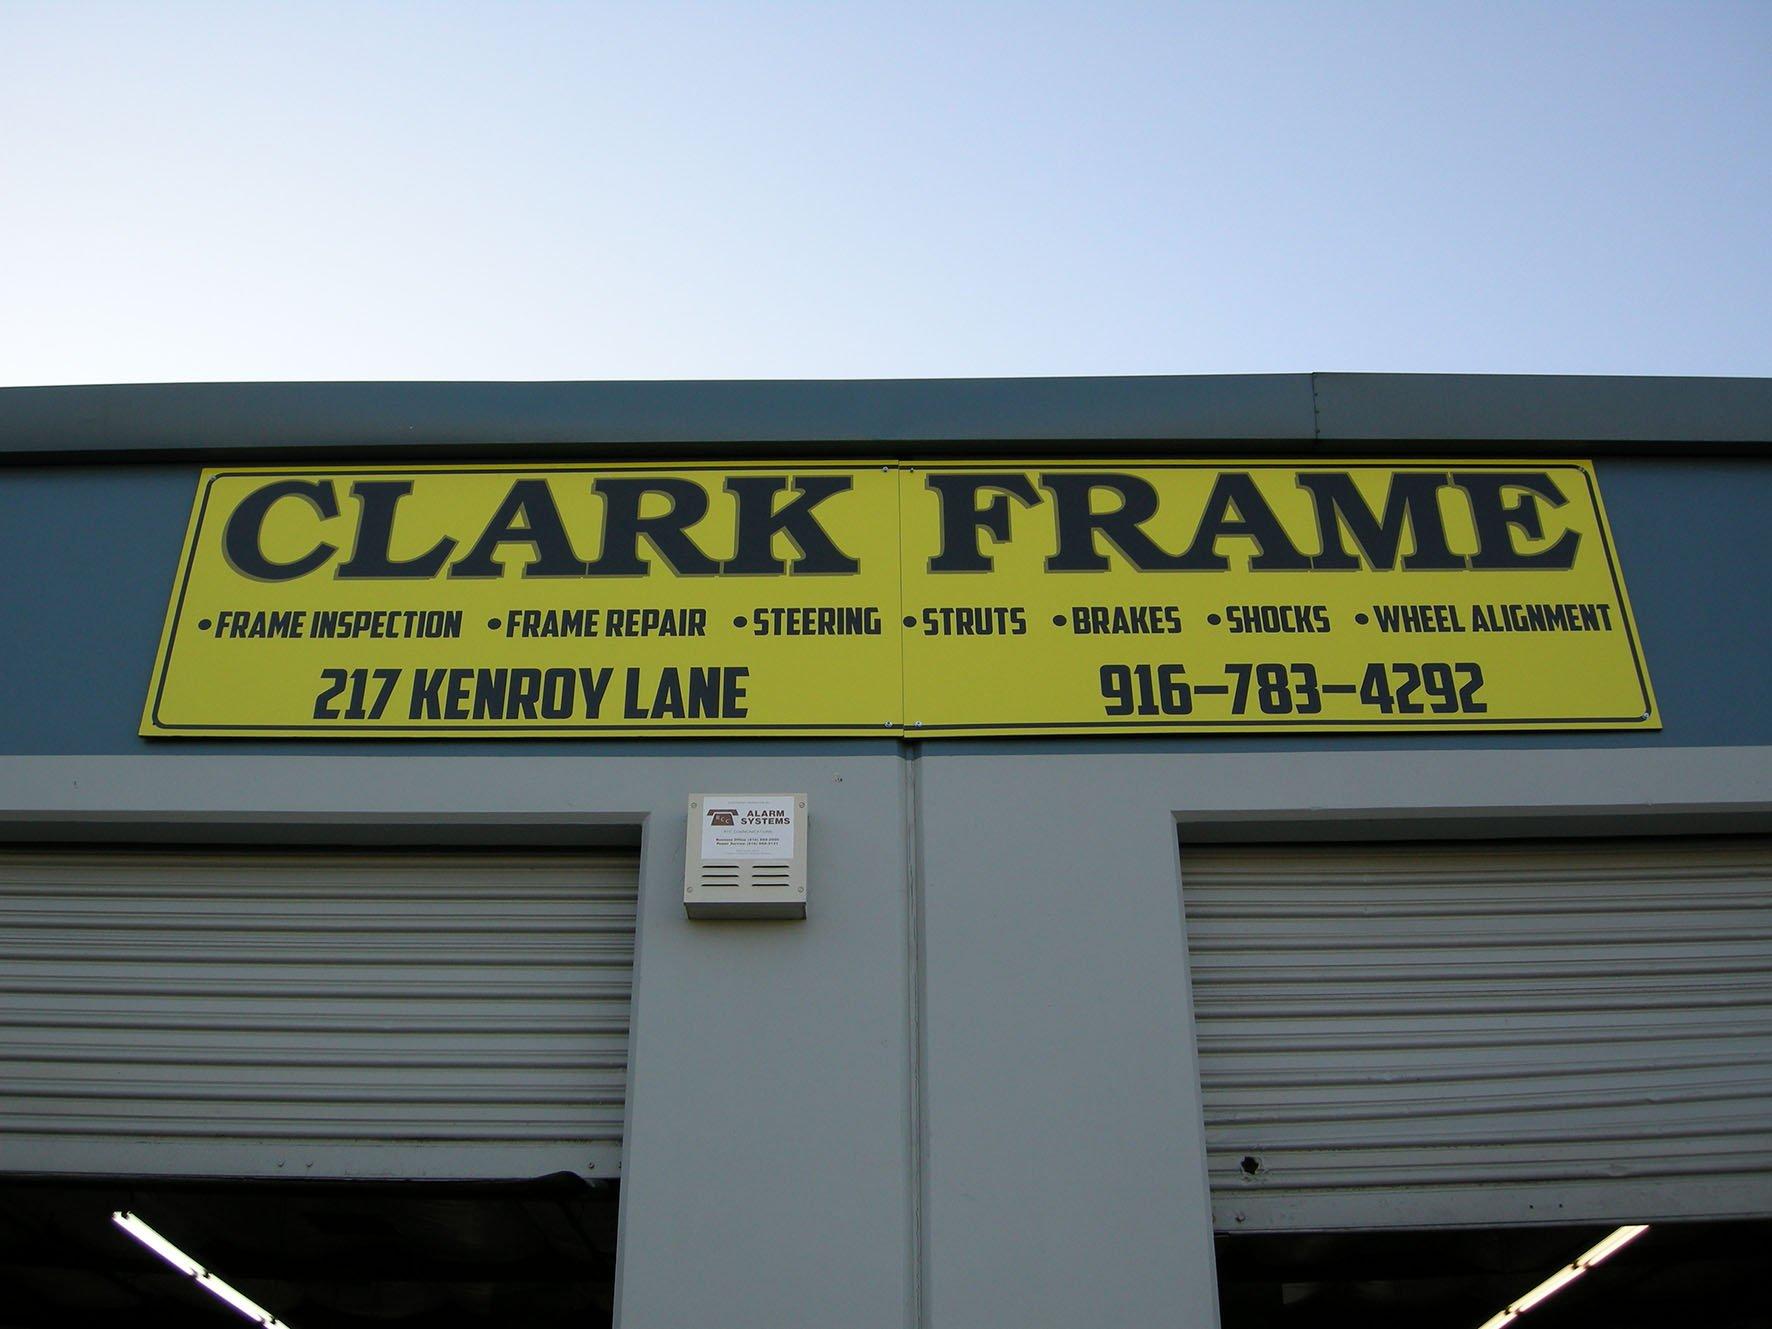 Clark Frame & Wheel Alignment